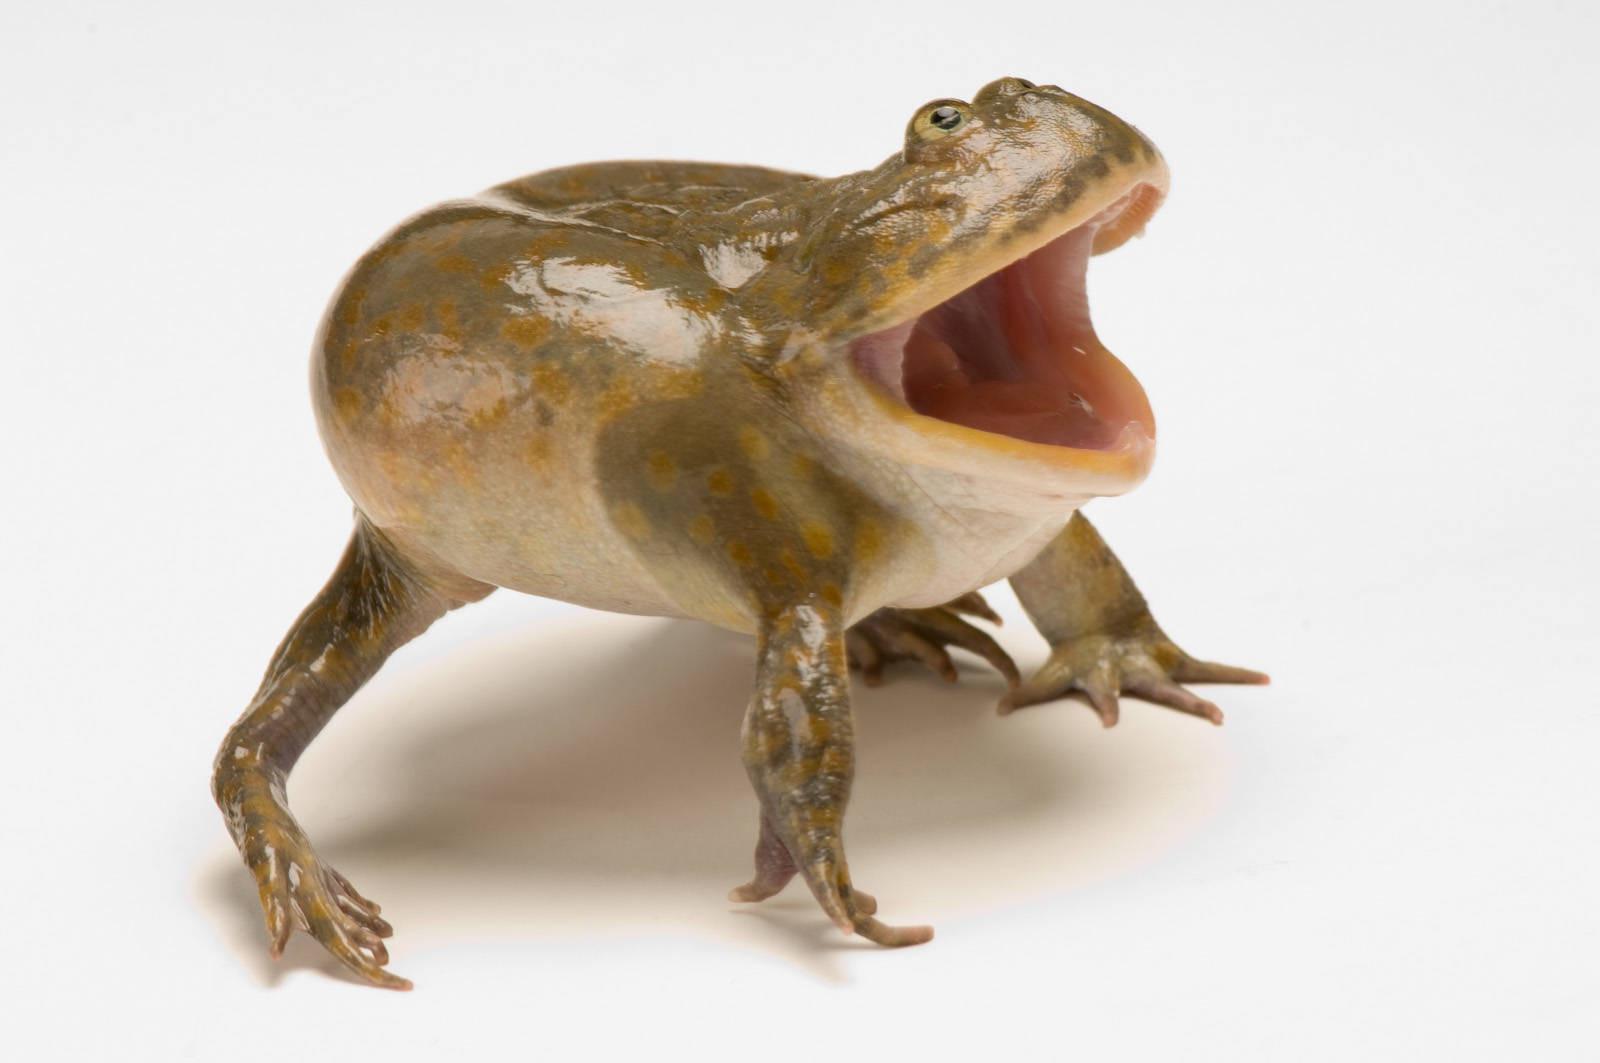 Budgett's frog (Lepidobatrachus laevis) at the Baltimore Aquarium.